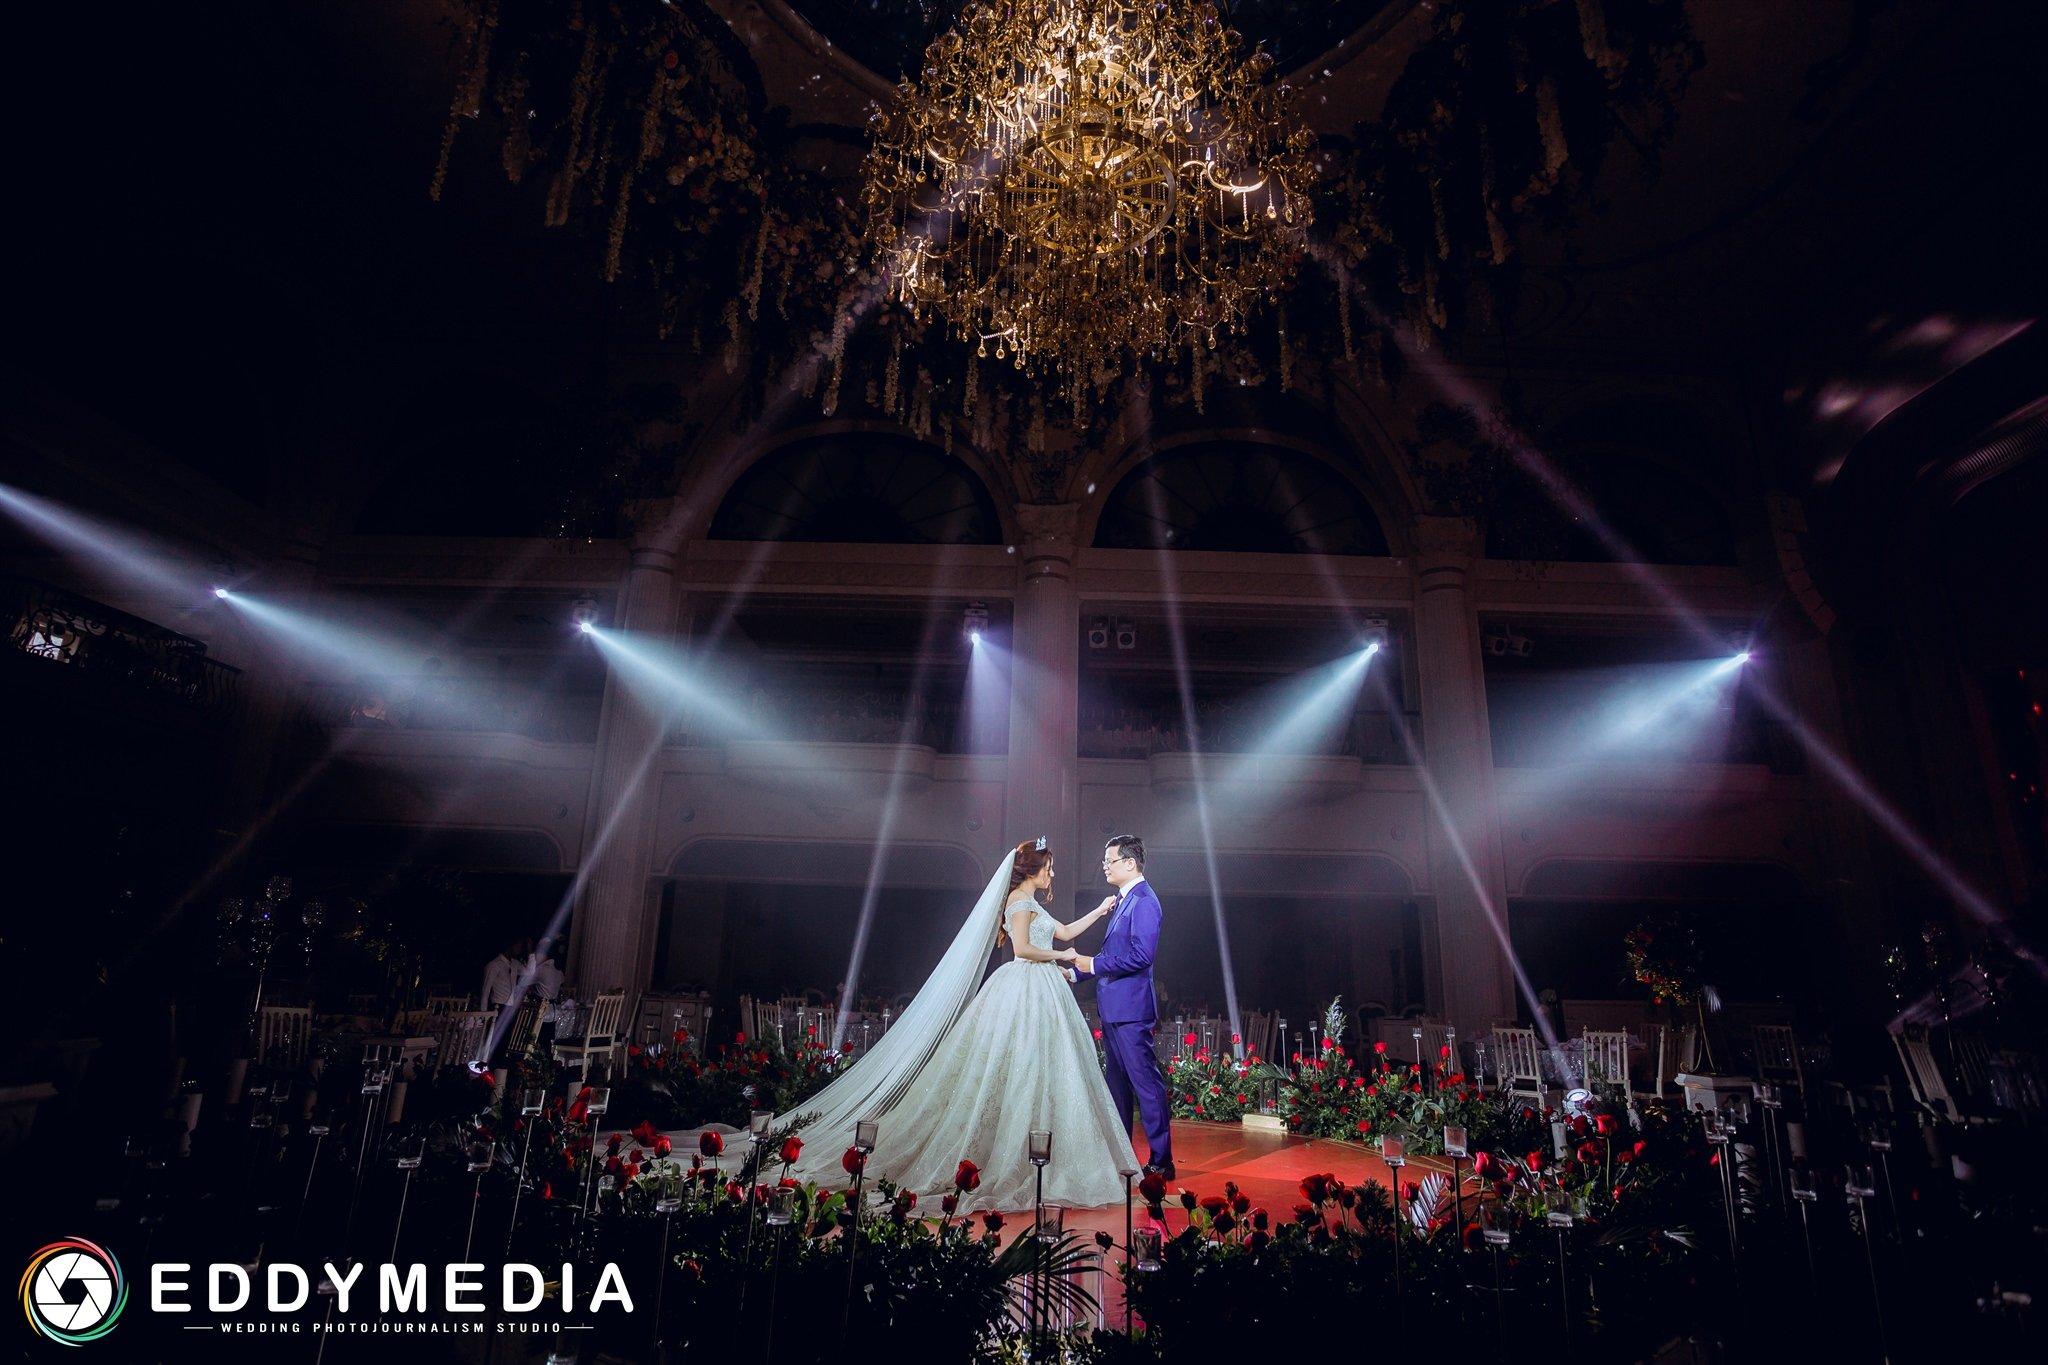 Chụp phóng sự cưới ở Hà Nội - Chụp phóng sự cưới ở Sen Tây Hồ